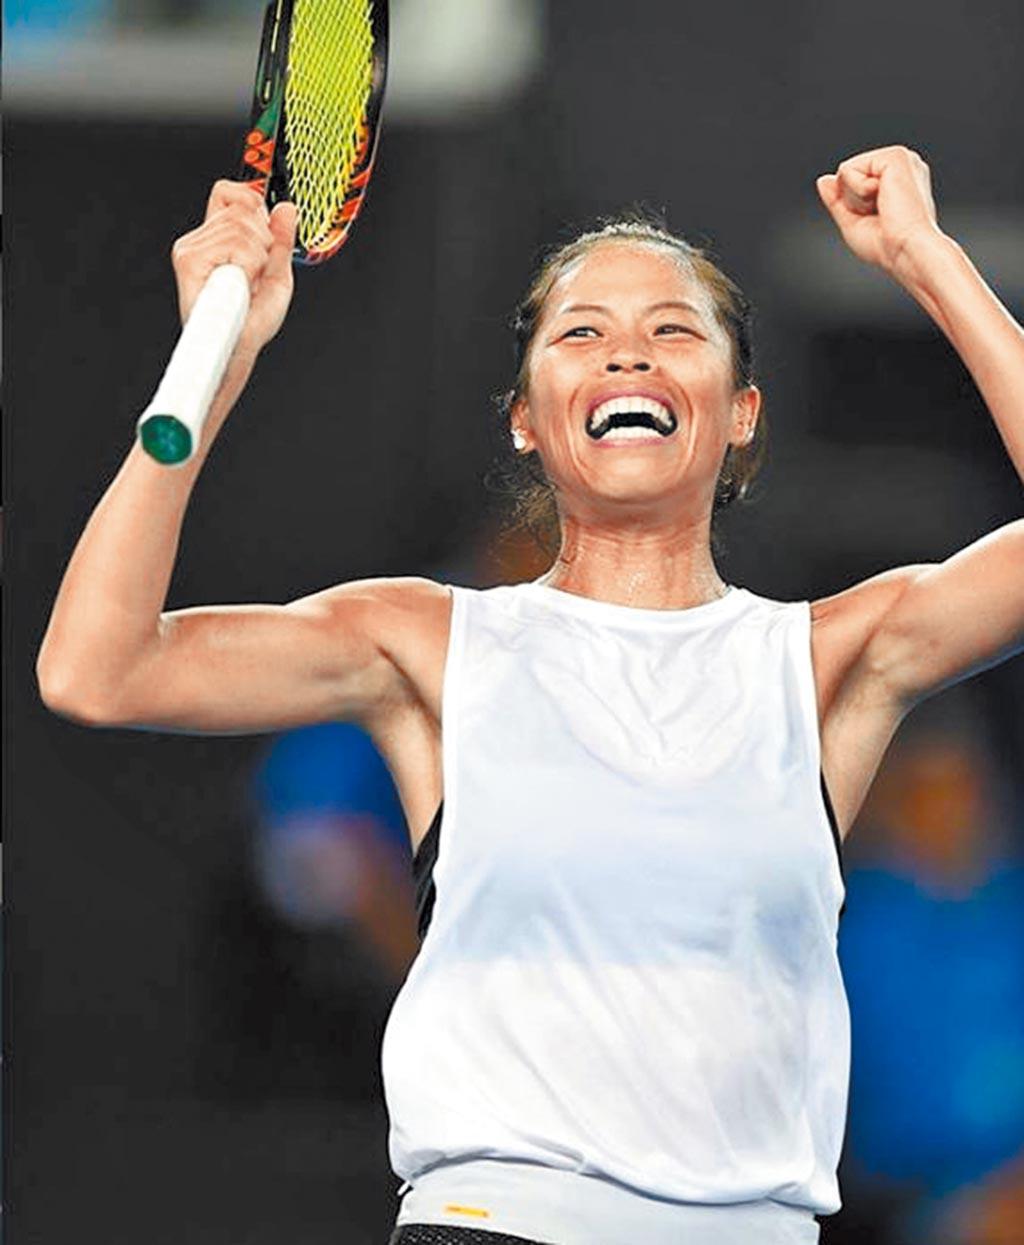 澳洲網球公開賽昨日進行女雙第3輪賽事,大會第1種子「台捷配」謝淑薇與捷克的史崔可娃,順利挺進8強。(翻攝自澳網IG/中央社)